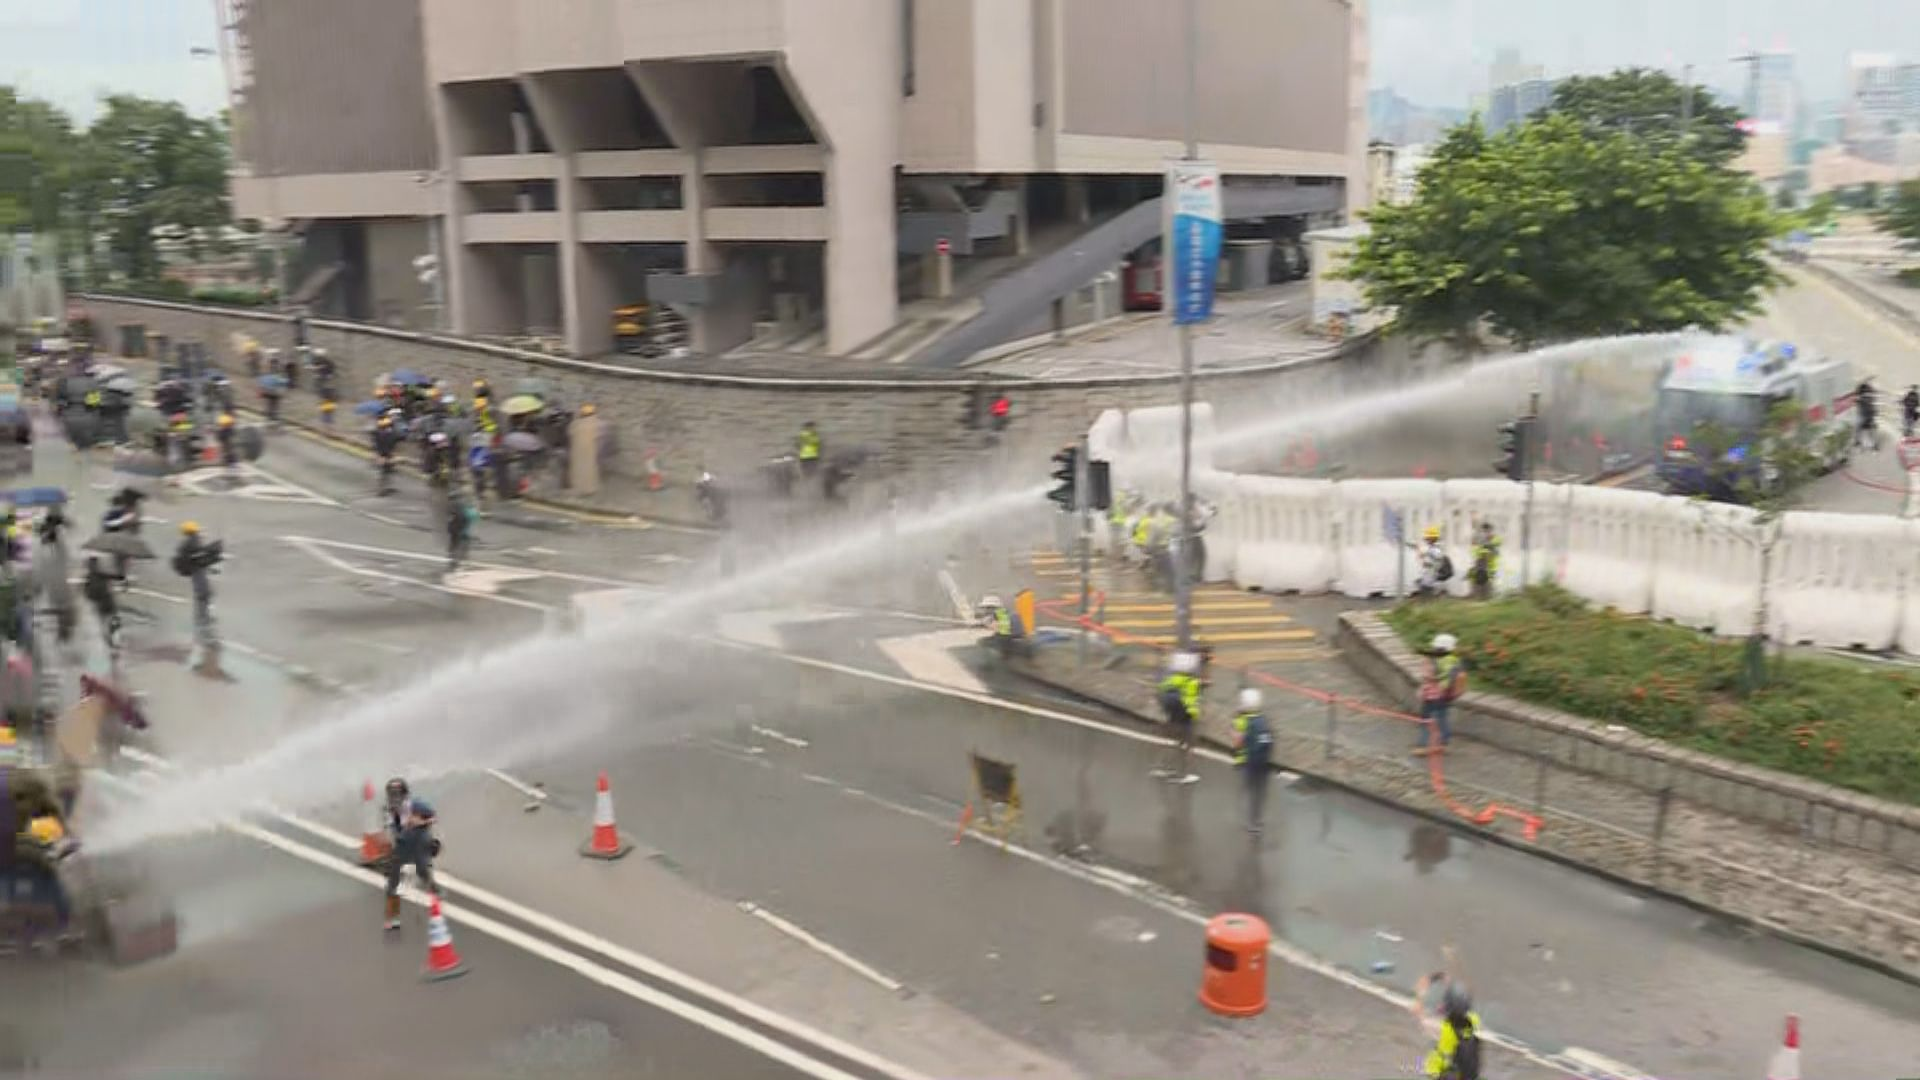 水炮車射顏色水驅散 示威者投多枚汽油彈